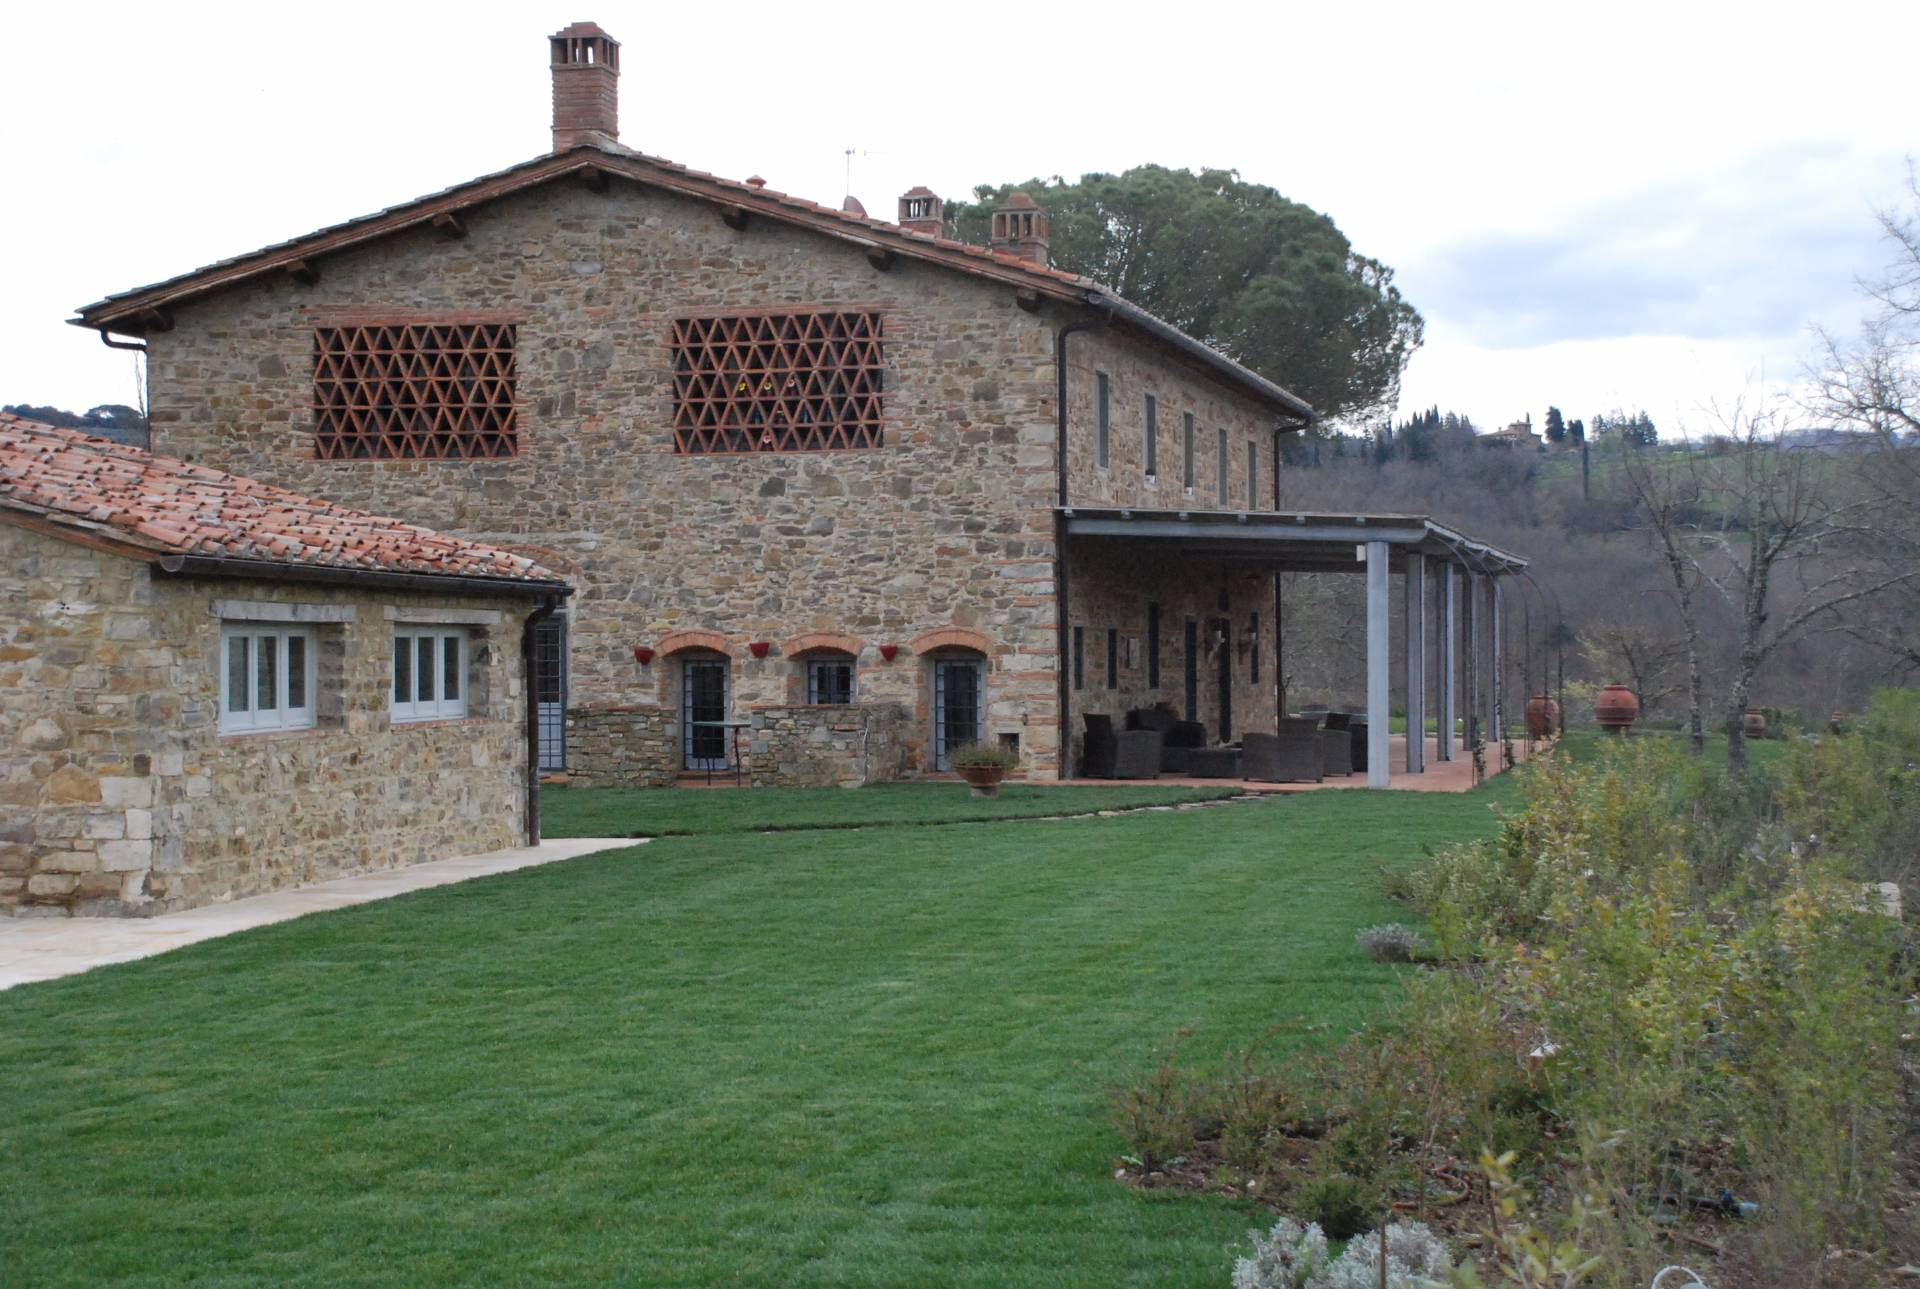 Rustico / Casale in vendita a Tavarnelle Val di Pesa, 24 locali, prezzo € 2.800.000 | CambioCasa.it